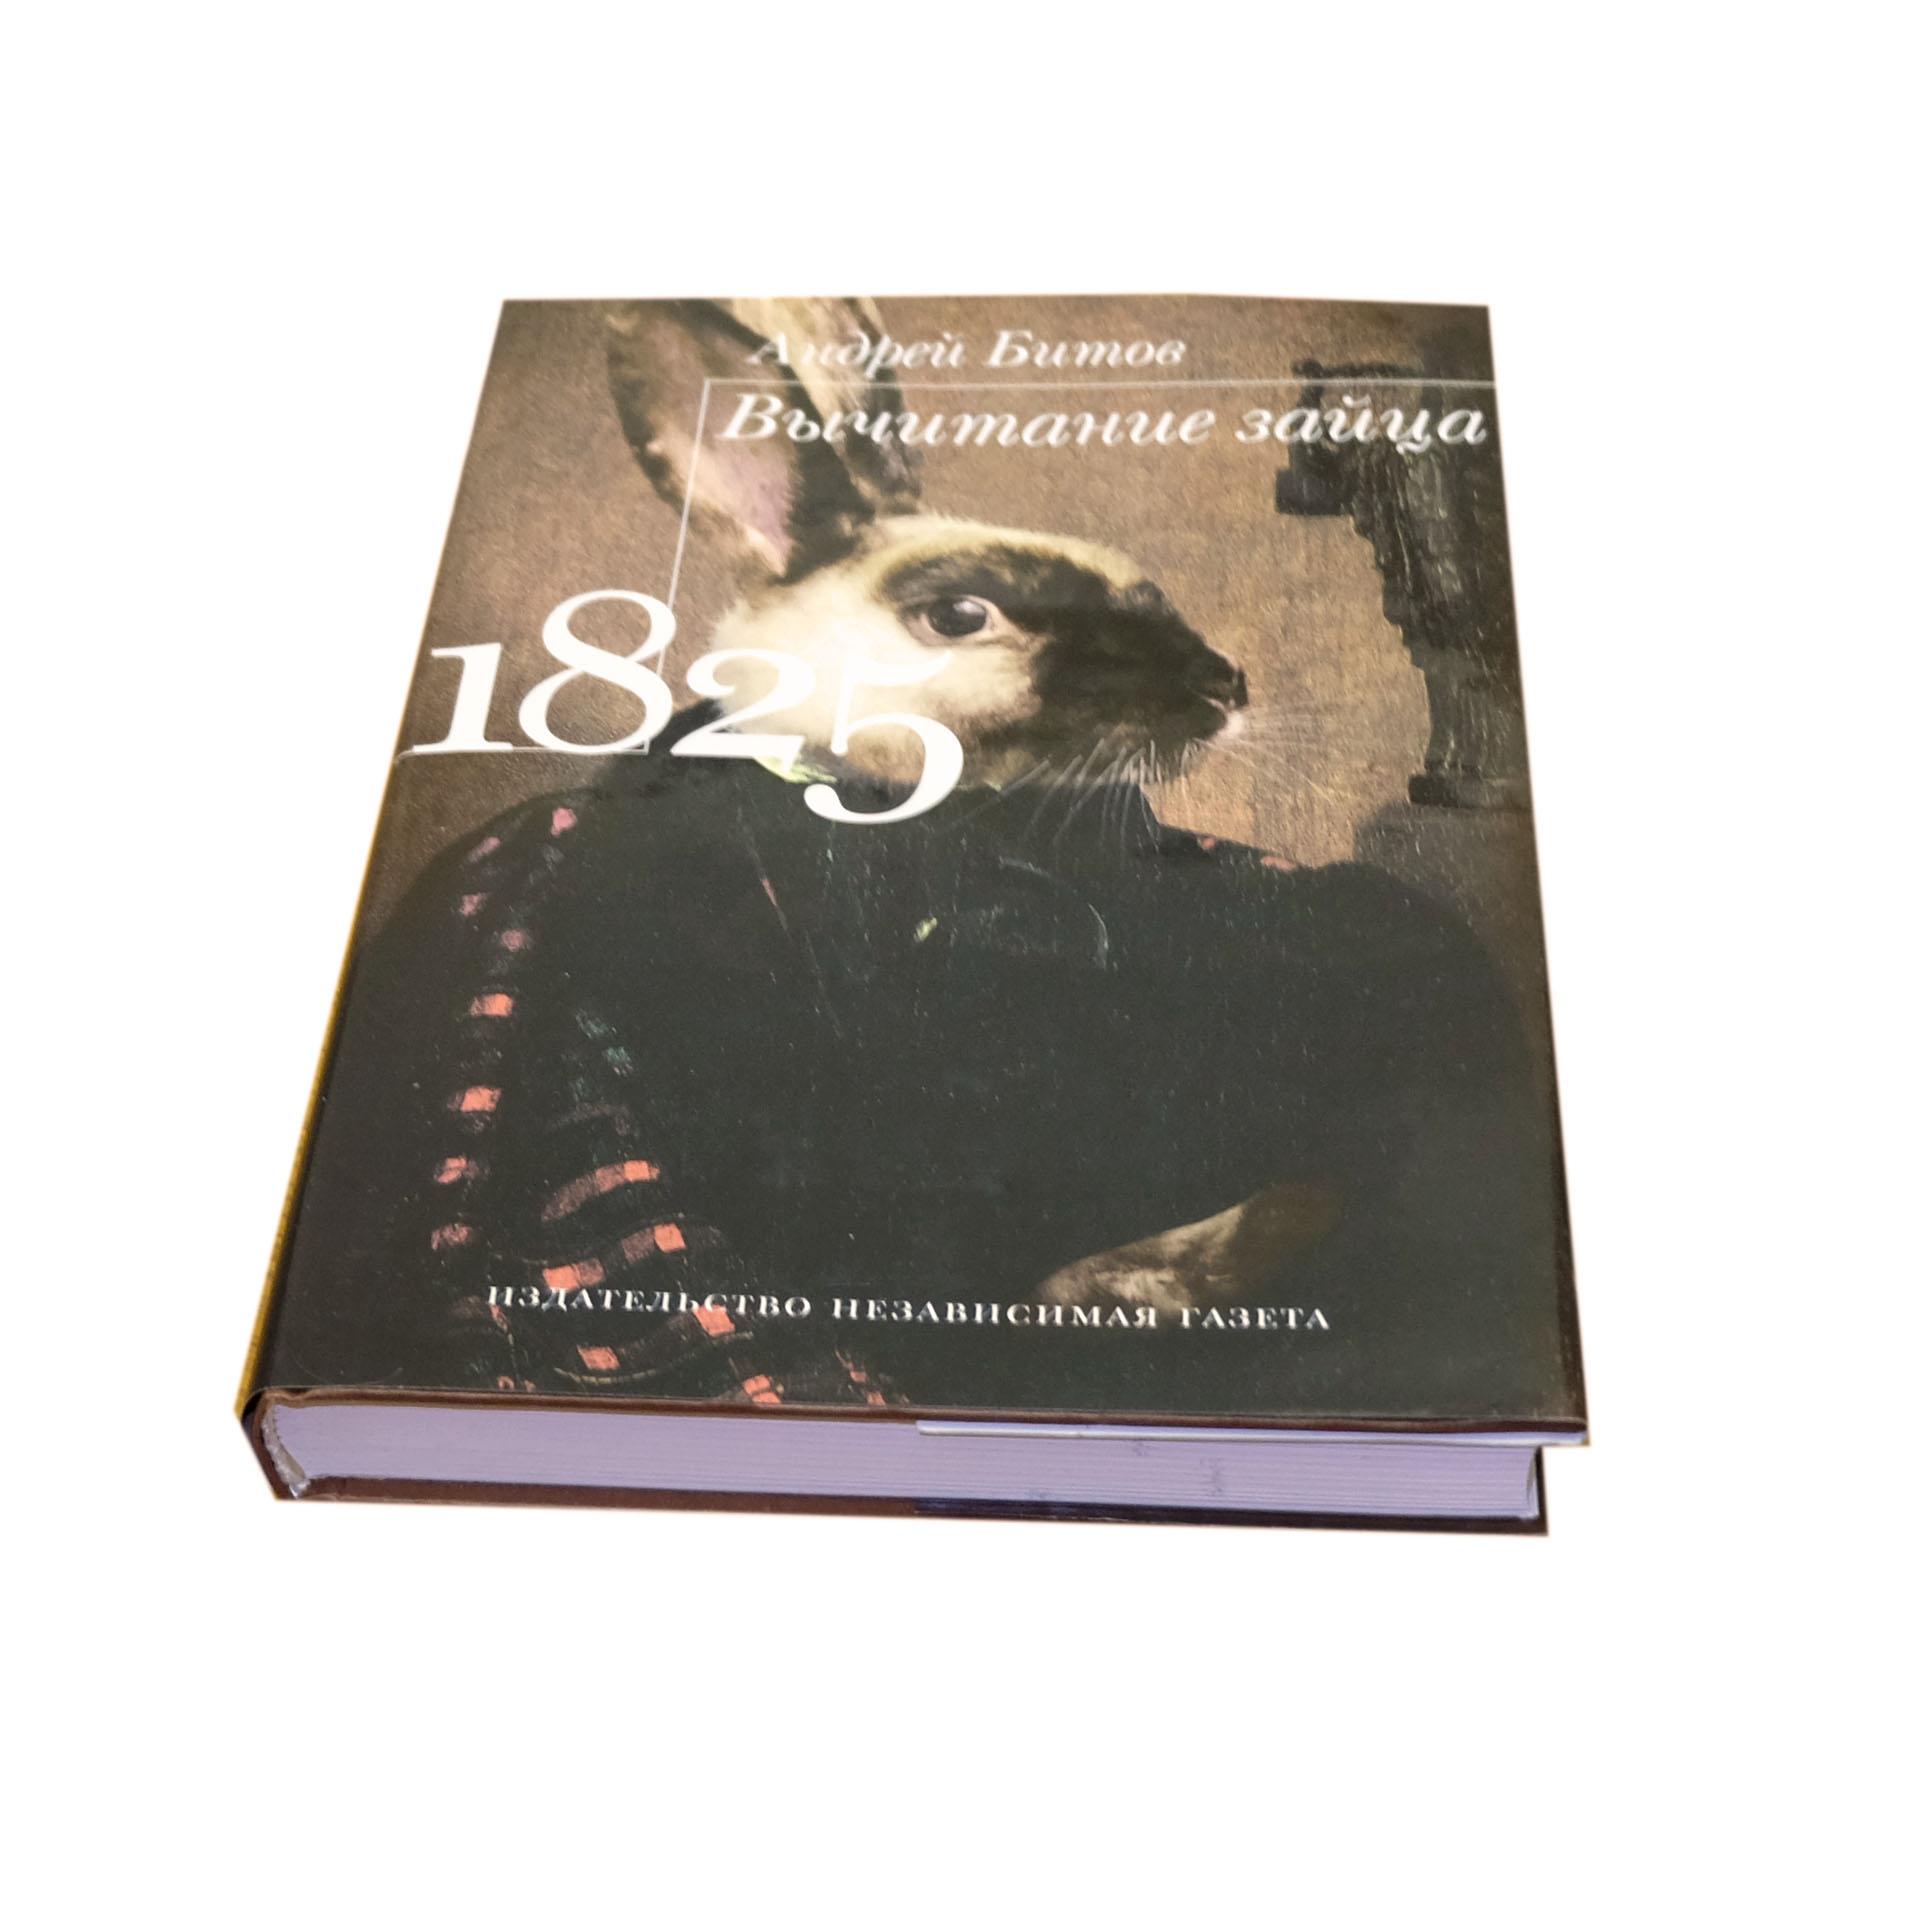 16341.JPG